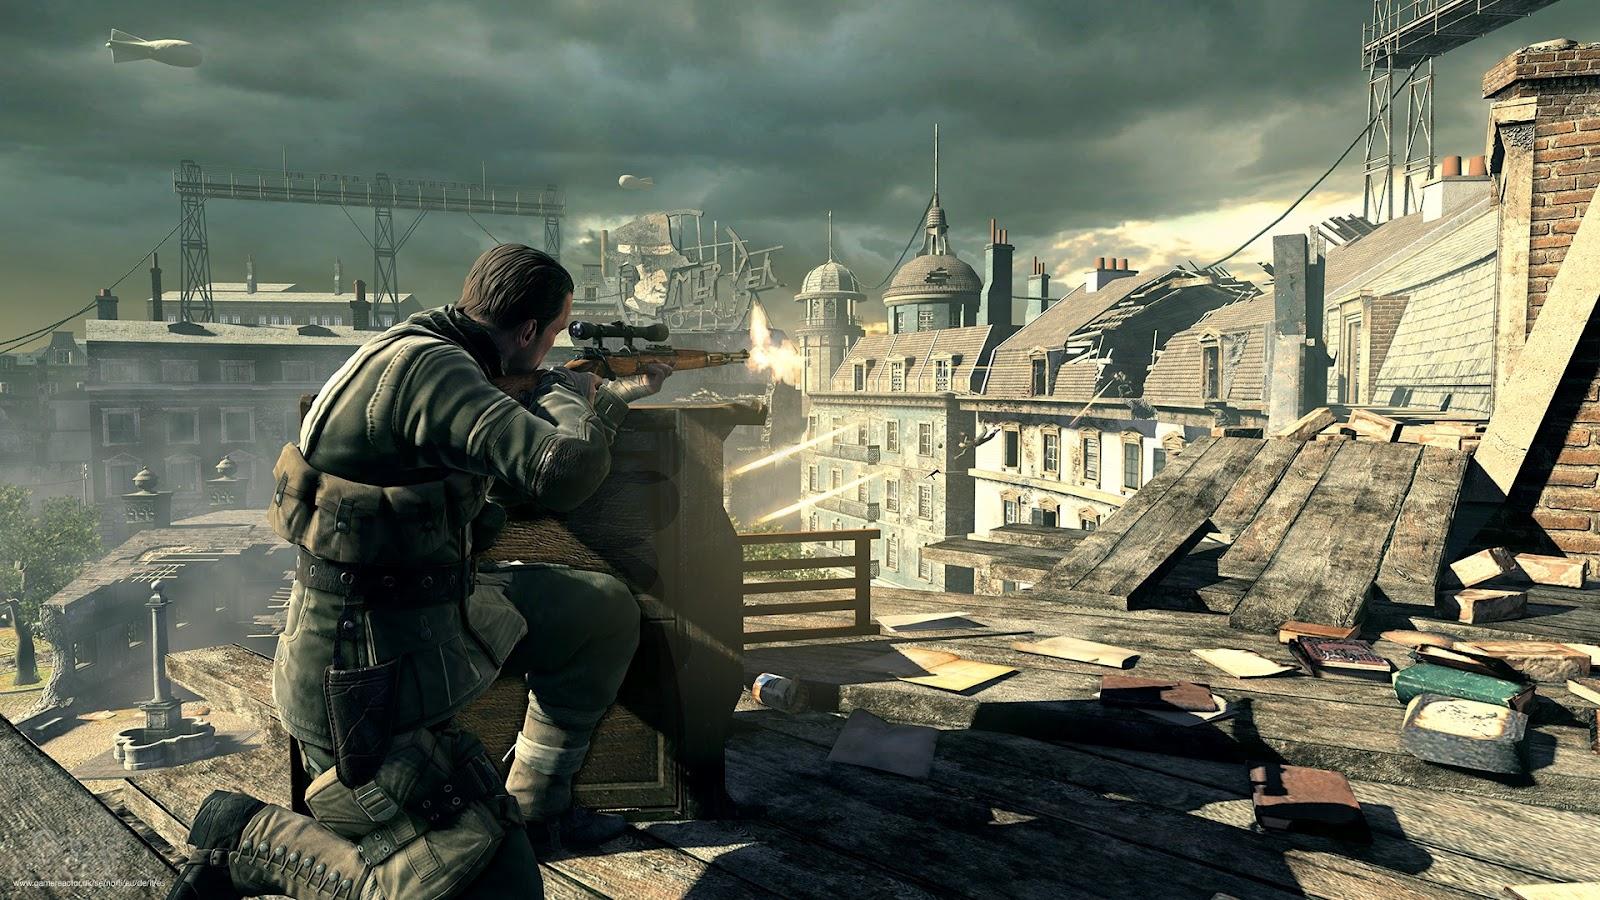 http://4.bp.blogspot.com/-SBcx1A6wL5A/UA1jsW8G8bI/AAAAAAAAApQ/UDxcAS-aKno/s1600/Sniper+Elite+V2+wallpapers+2.jpg